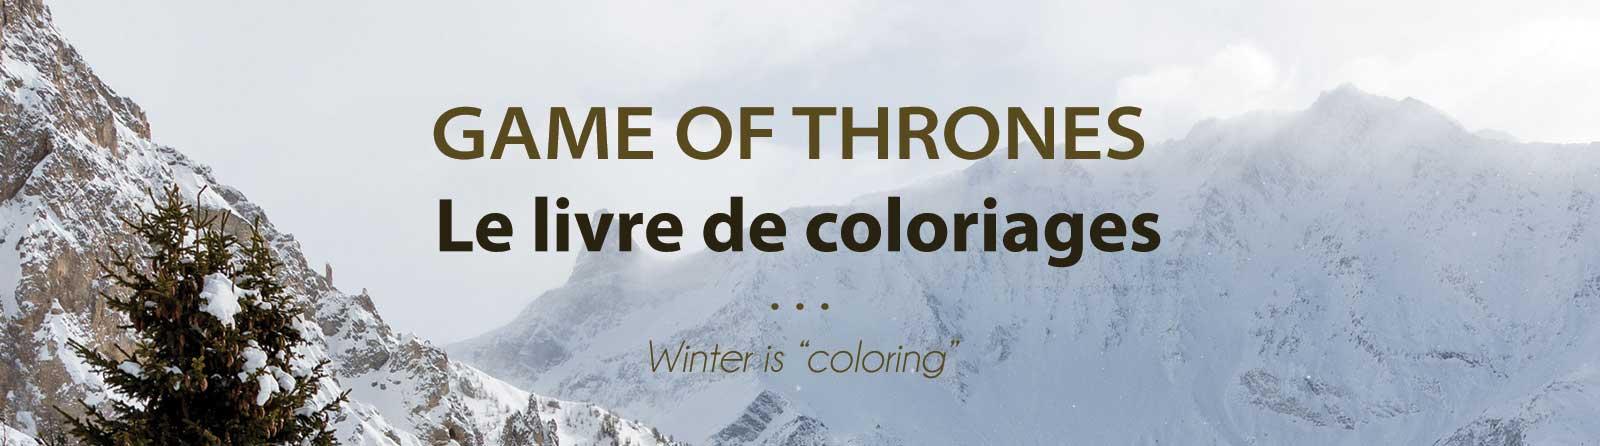 game-of-thrones-le-livre-de-coloriages